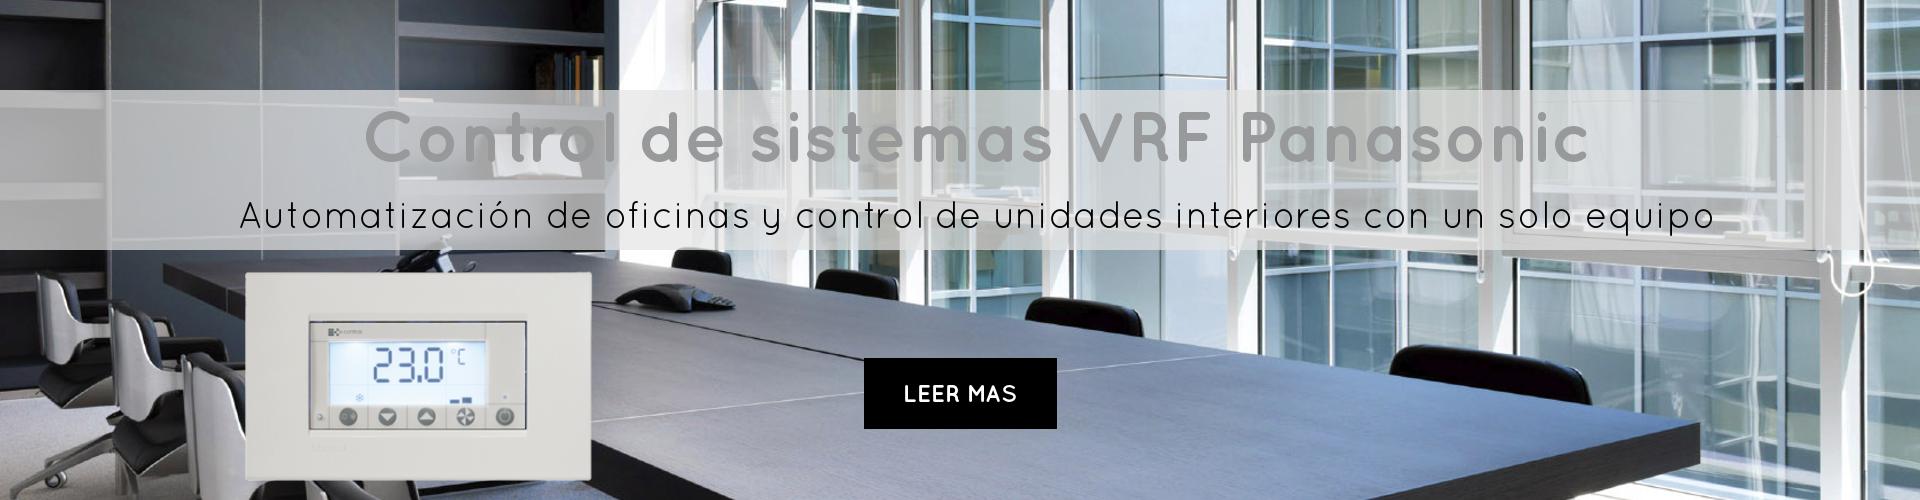 control de sistemas vrf panasonic automatización de oficinas y control de unidades interiores con un solo equipo